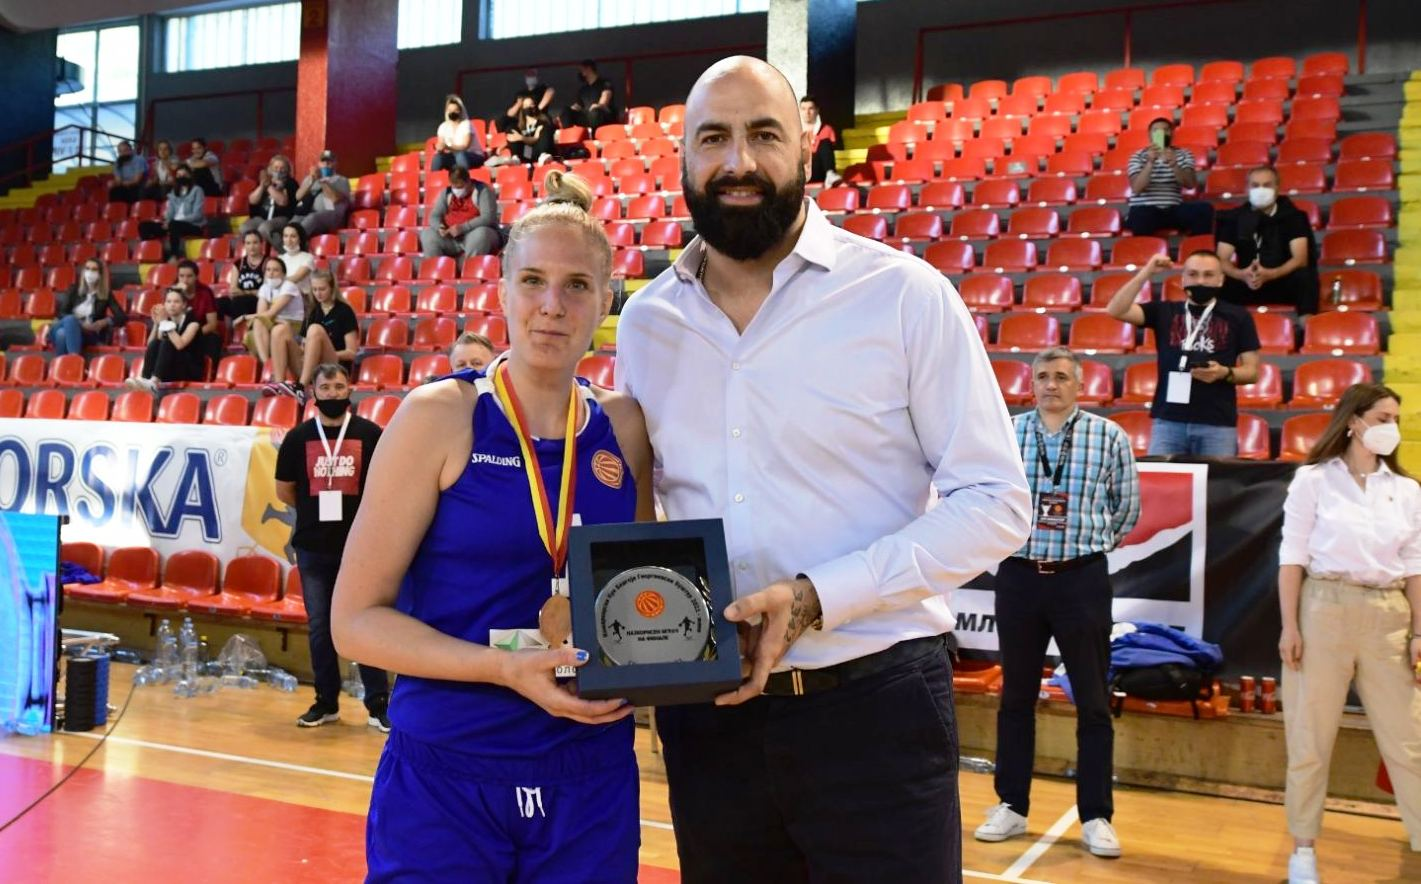 Драгана Гобељиќ - најкорисен играч на финалето